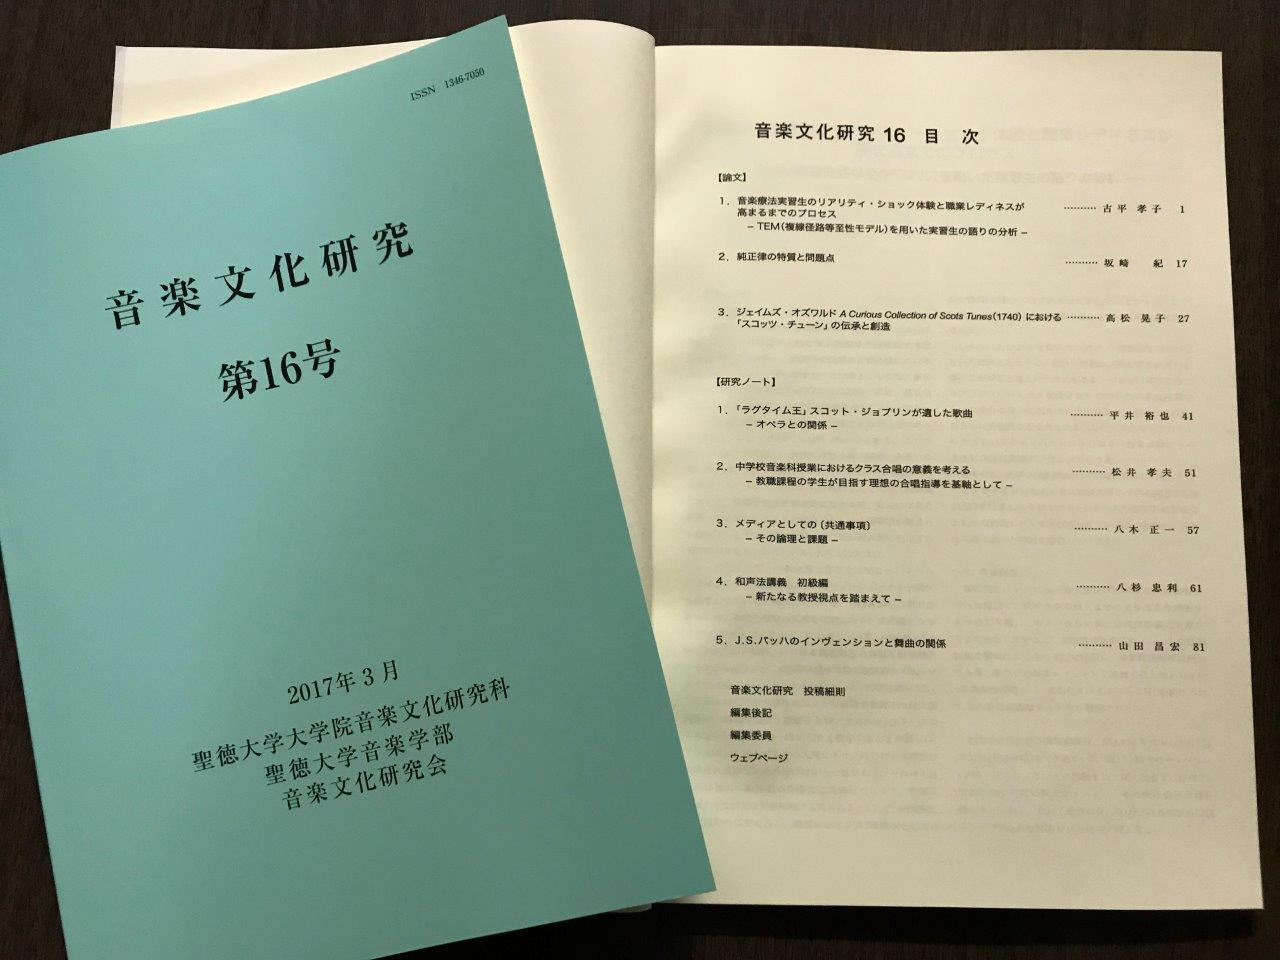 『音楽文化研究』第16号が刊行されました